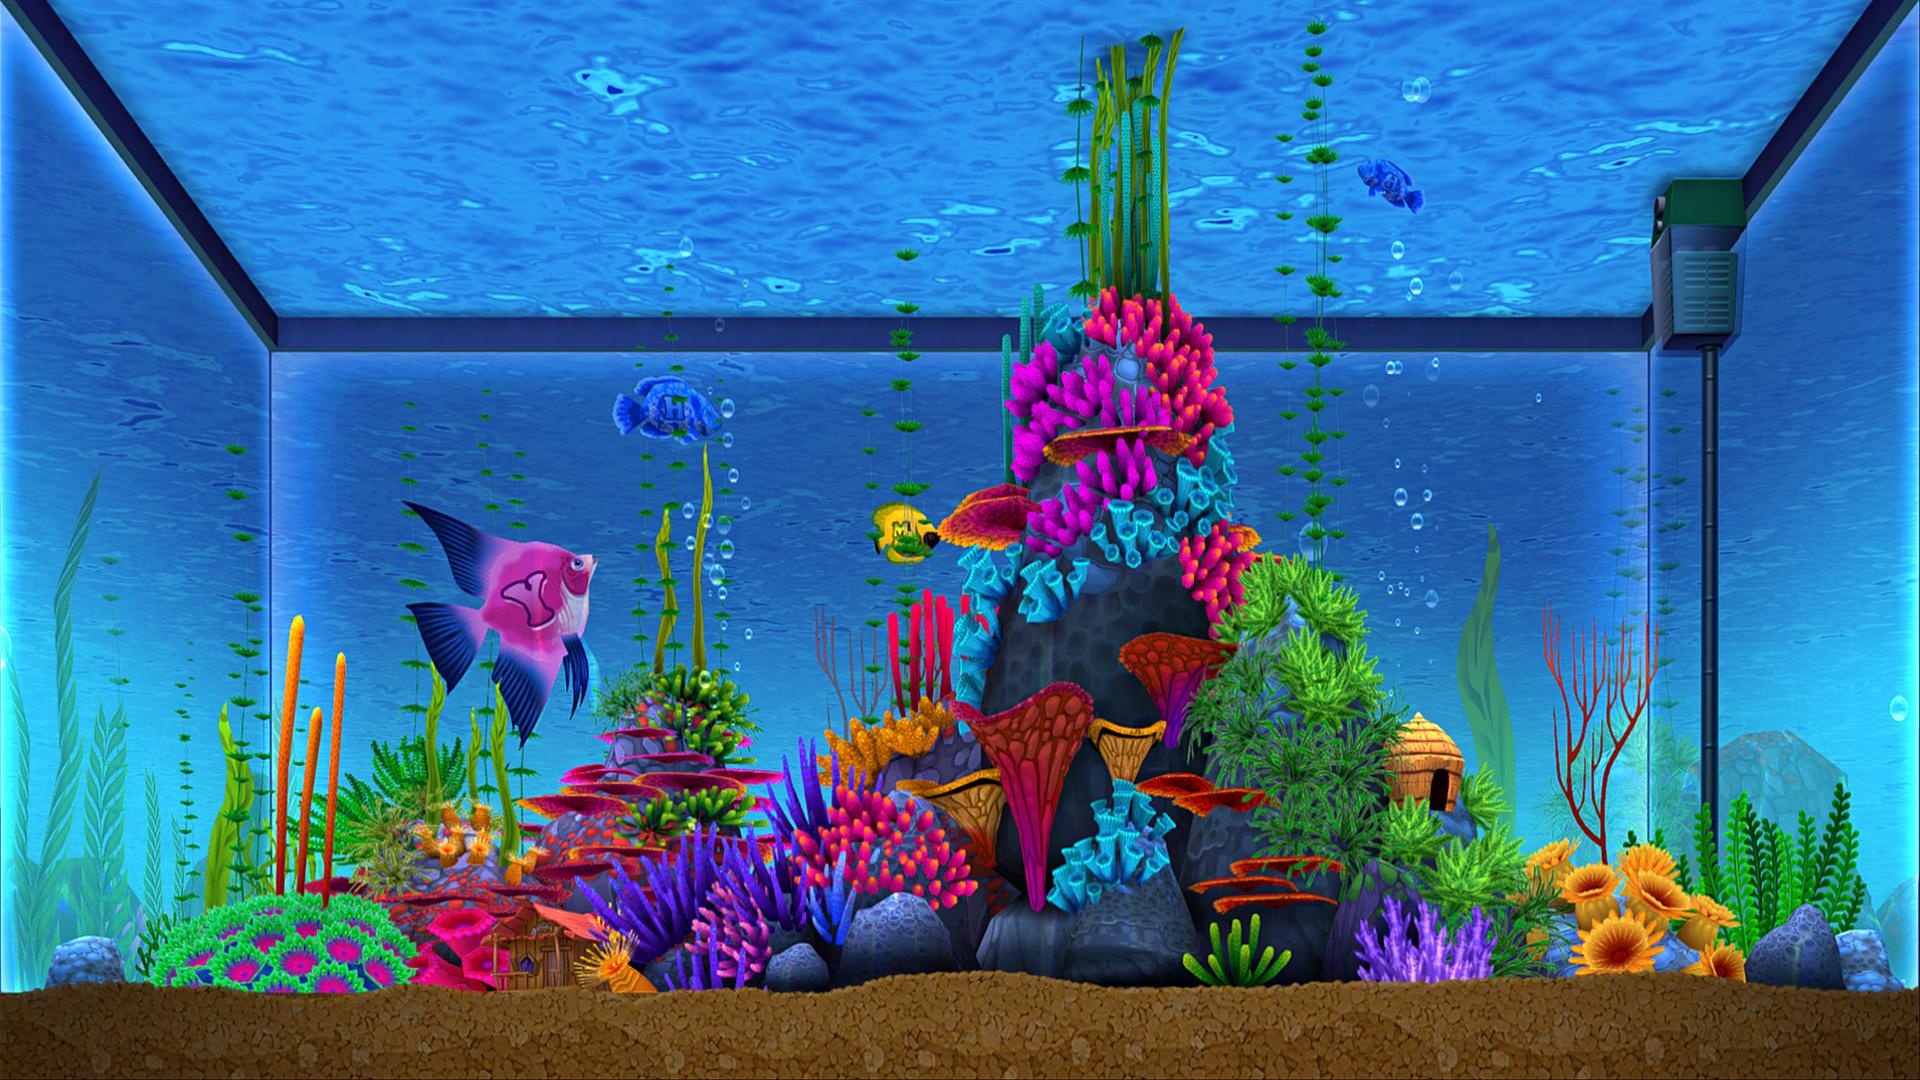 Tabor_Robak_Analphabetic-Aquarium_close_2.jpg